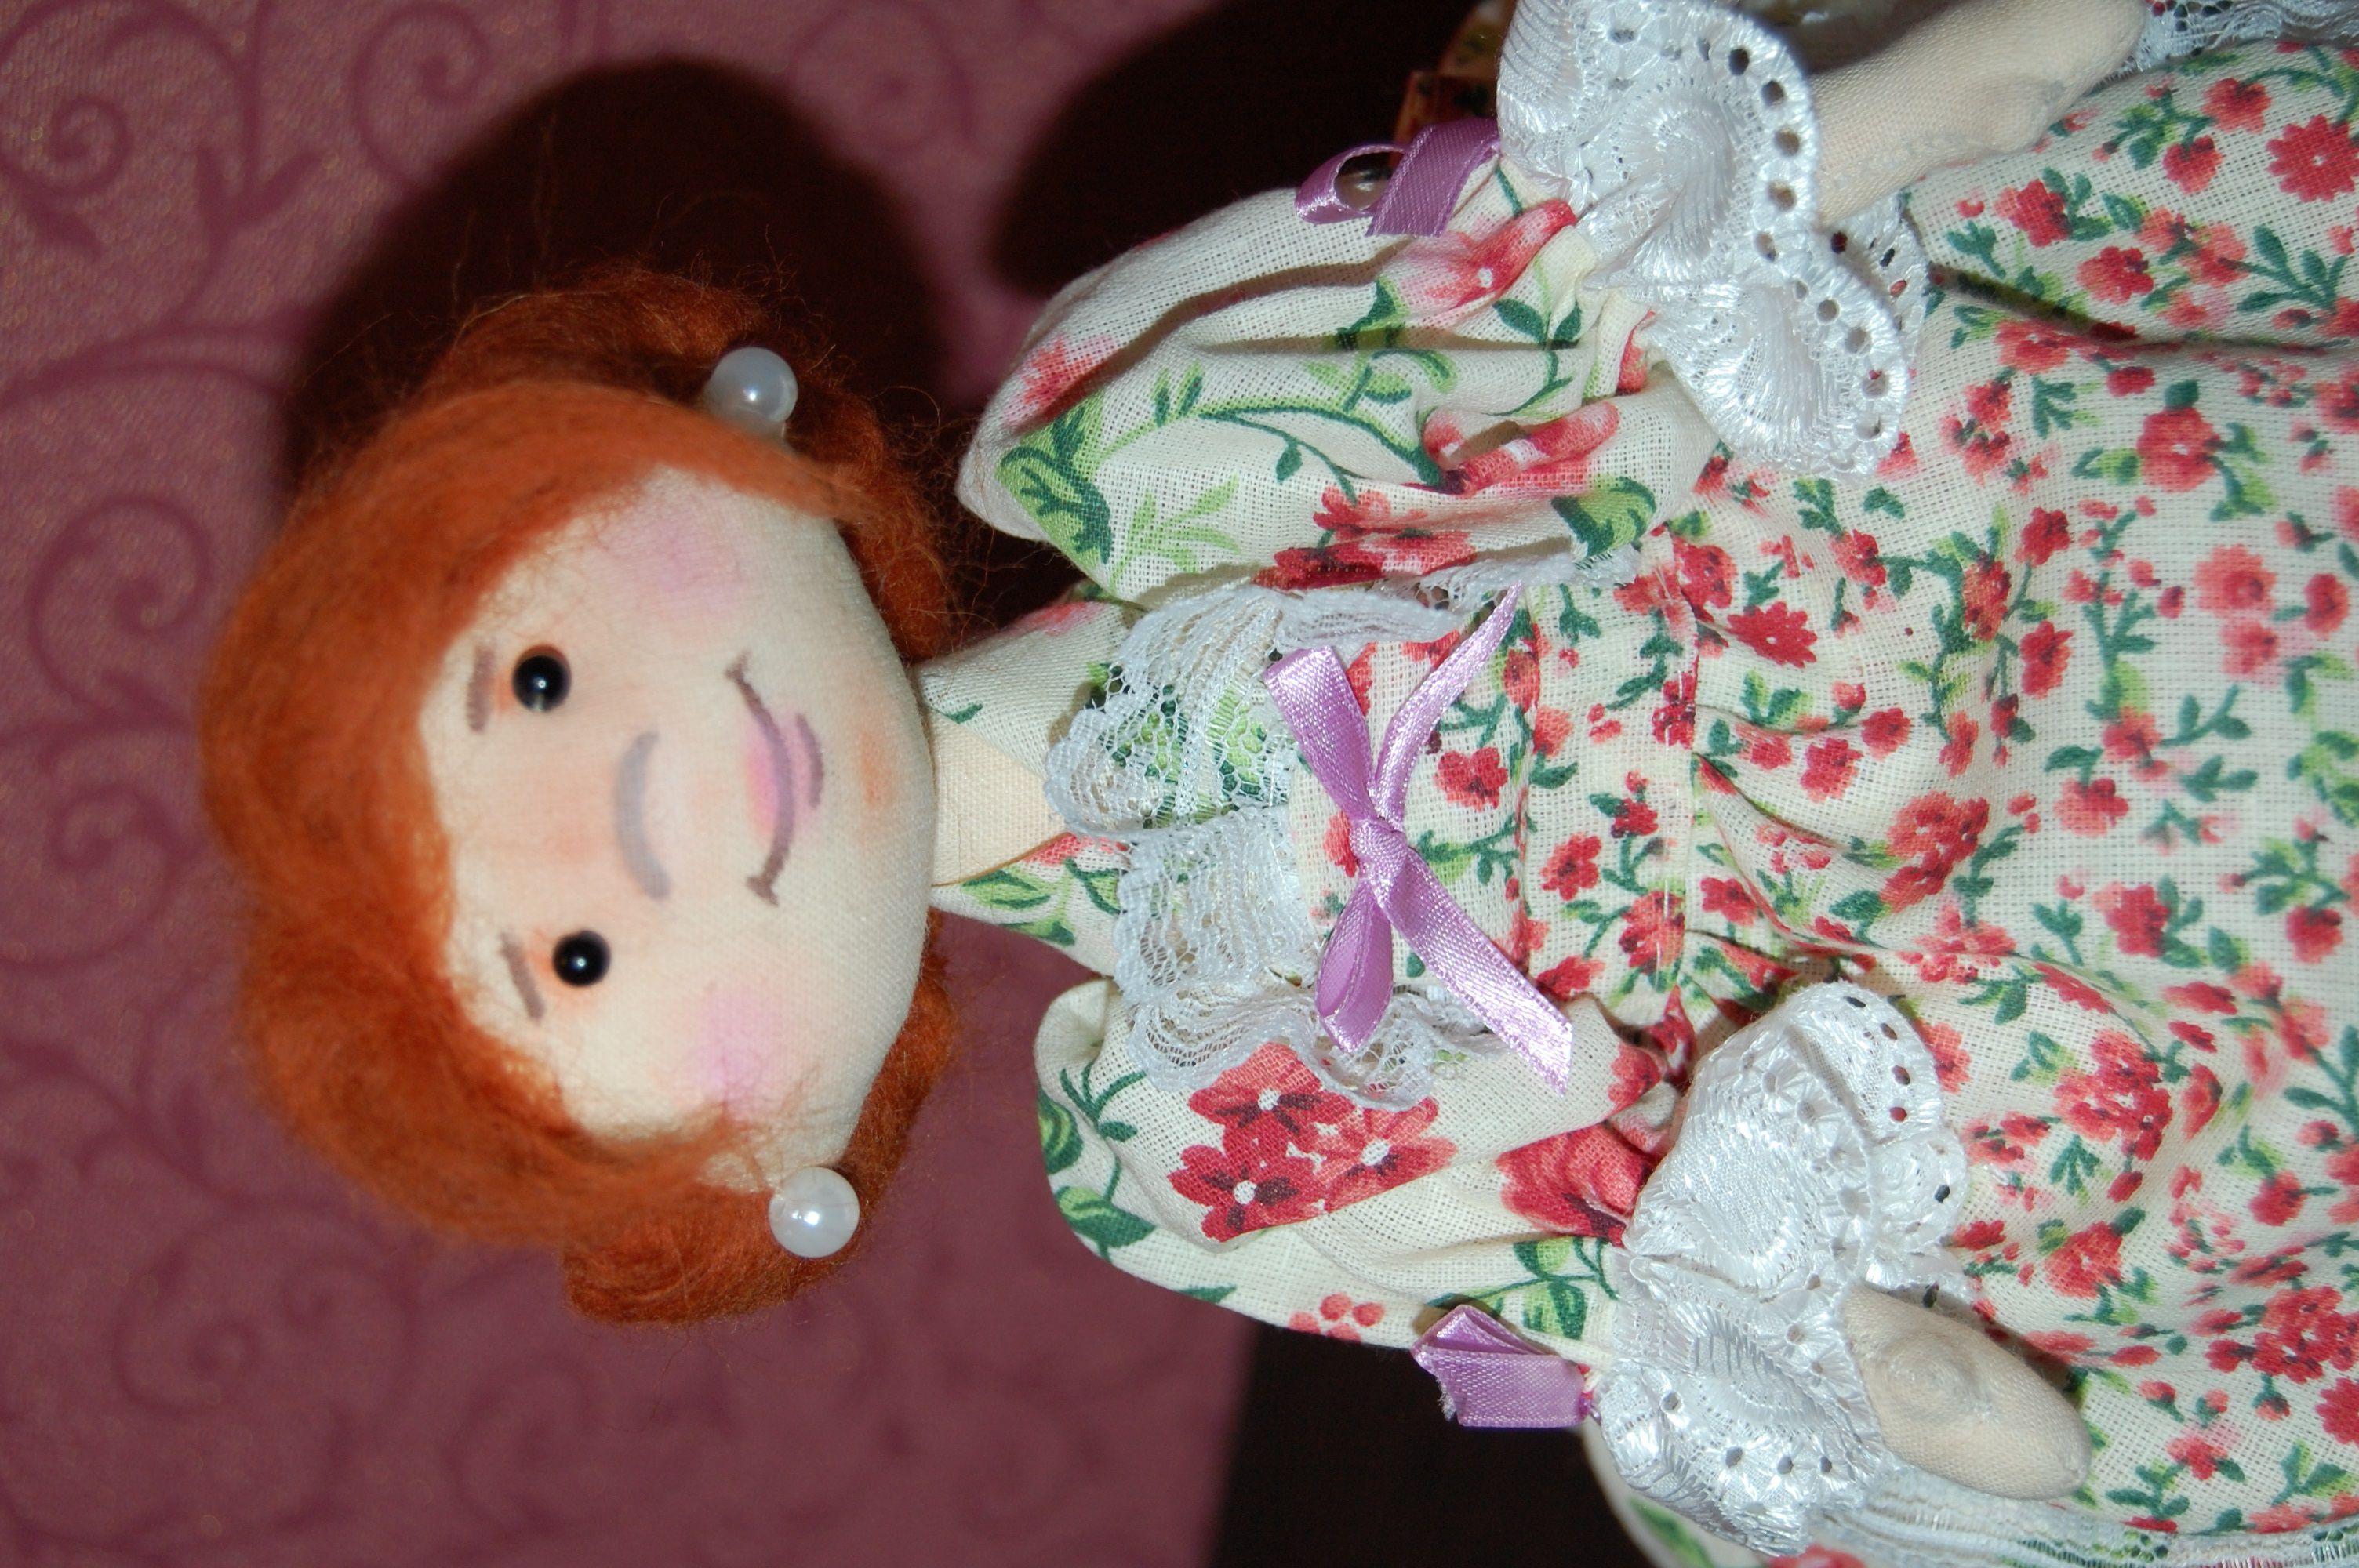 интерьера грелка чайник игрушка украшение кукла ручная работа на текстильная подарок